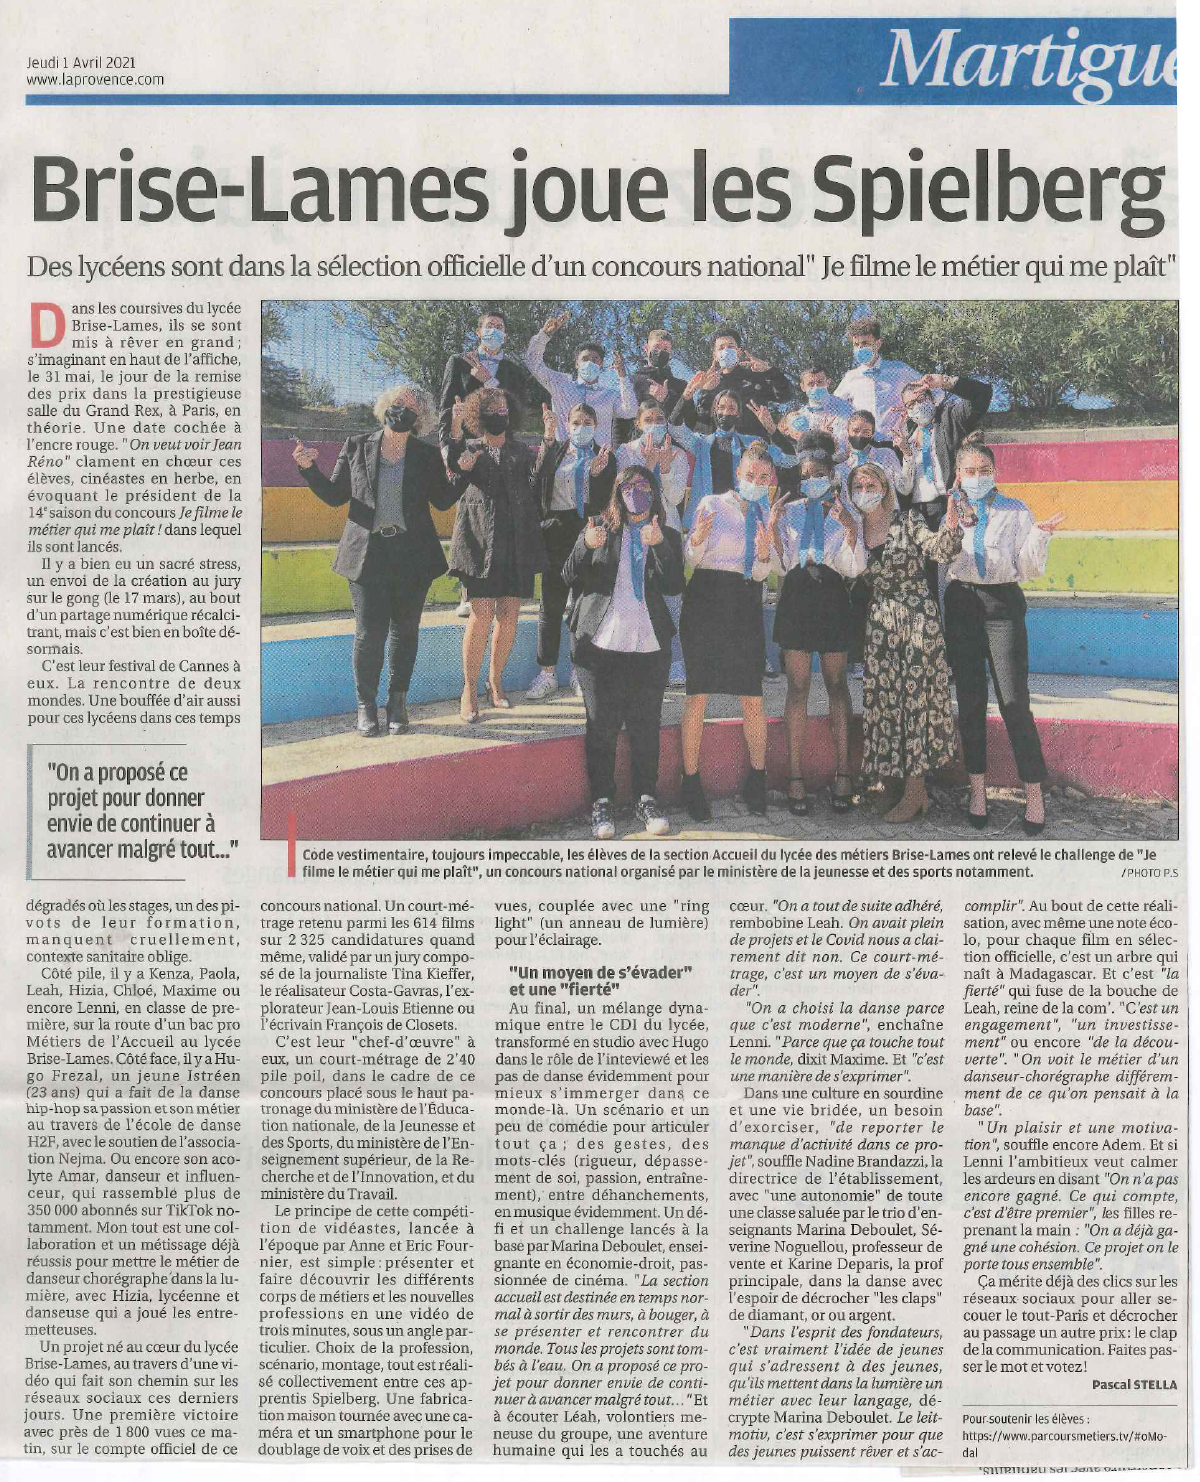 Brise-Lames joue les Spielberg